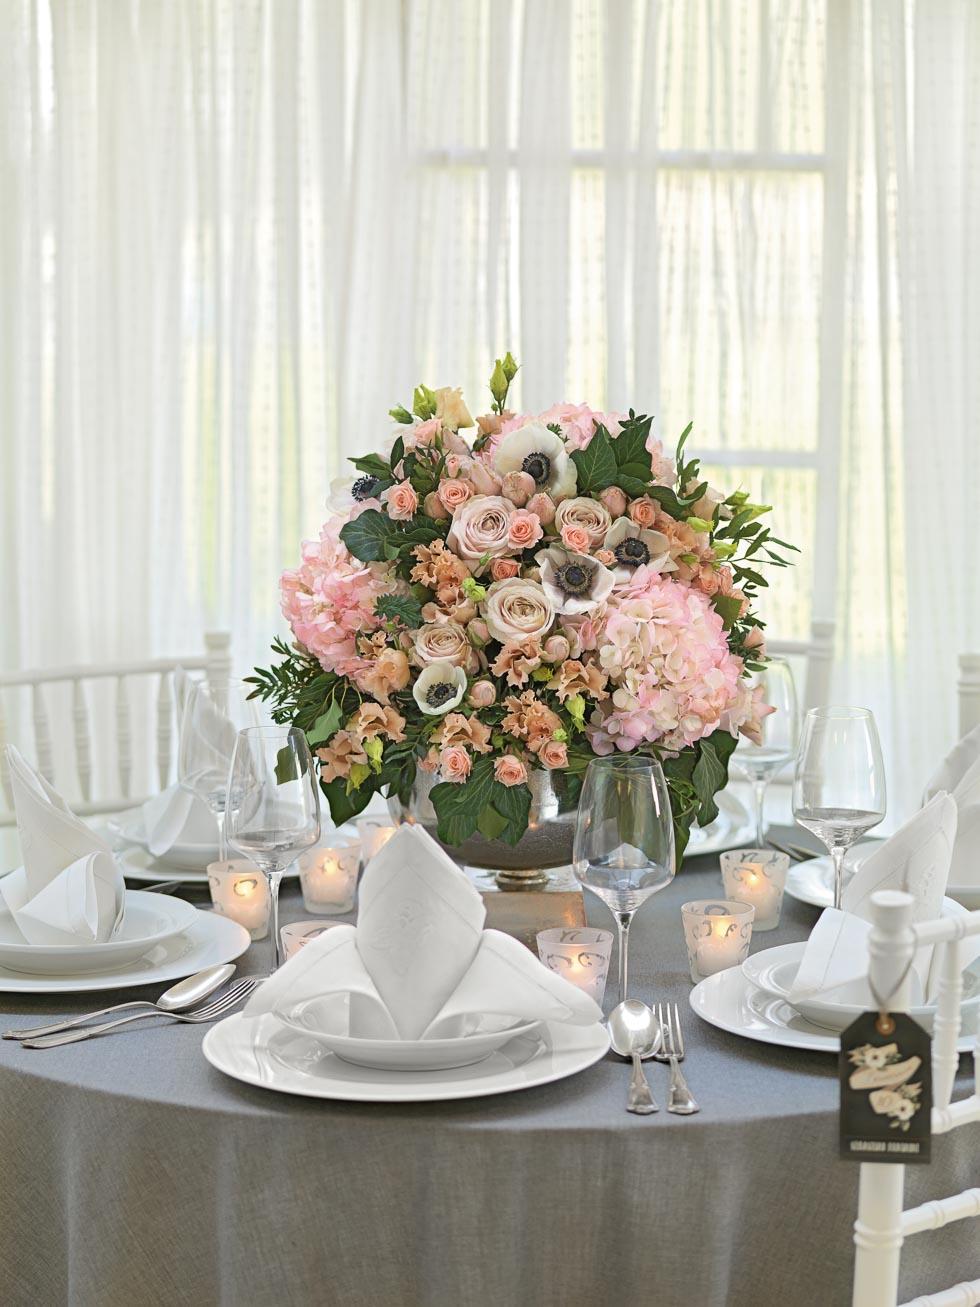 Tischdekoration Hochzeit Planen Mit Weddingstyle